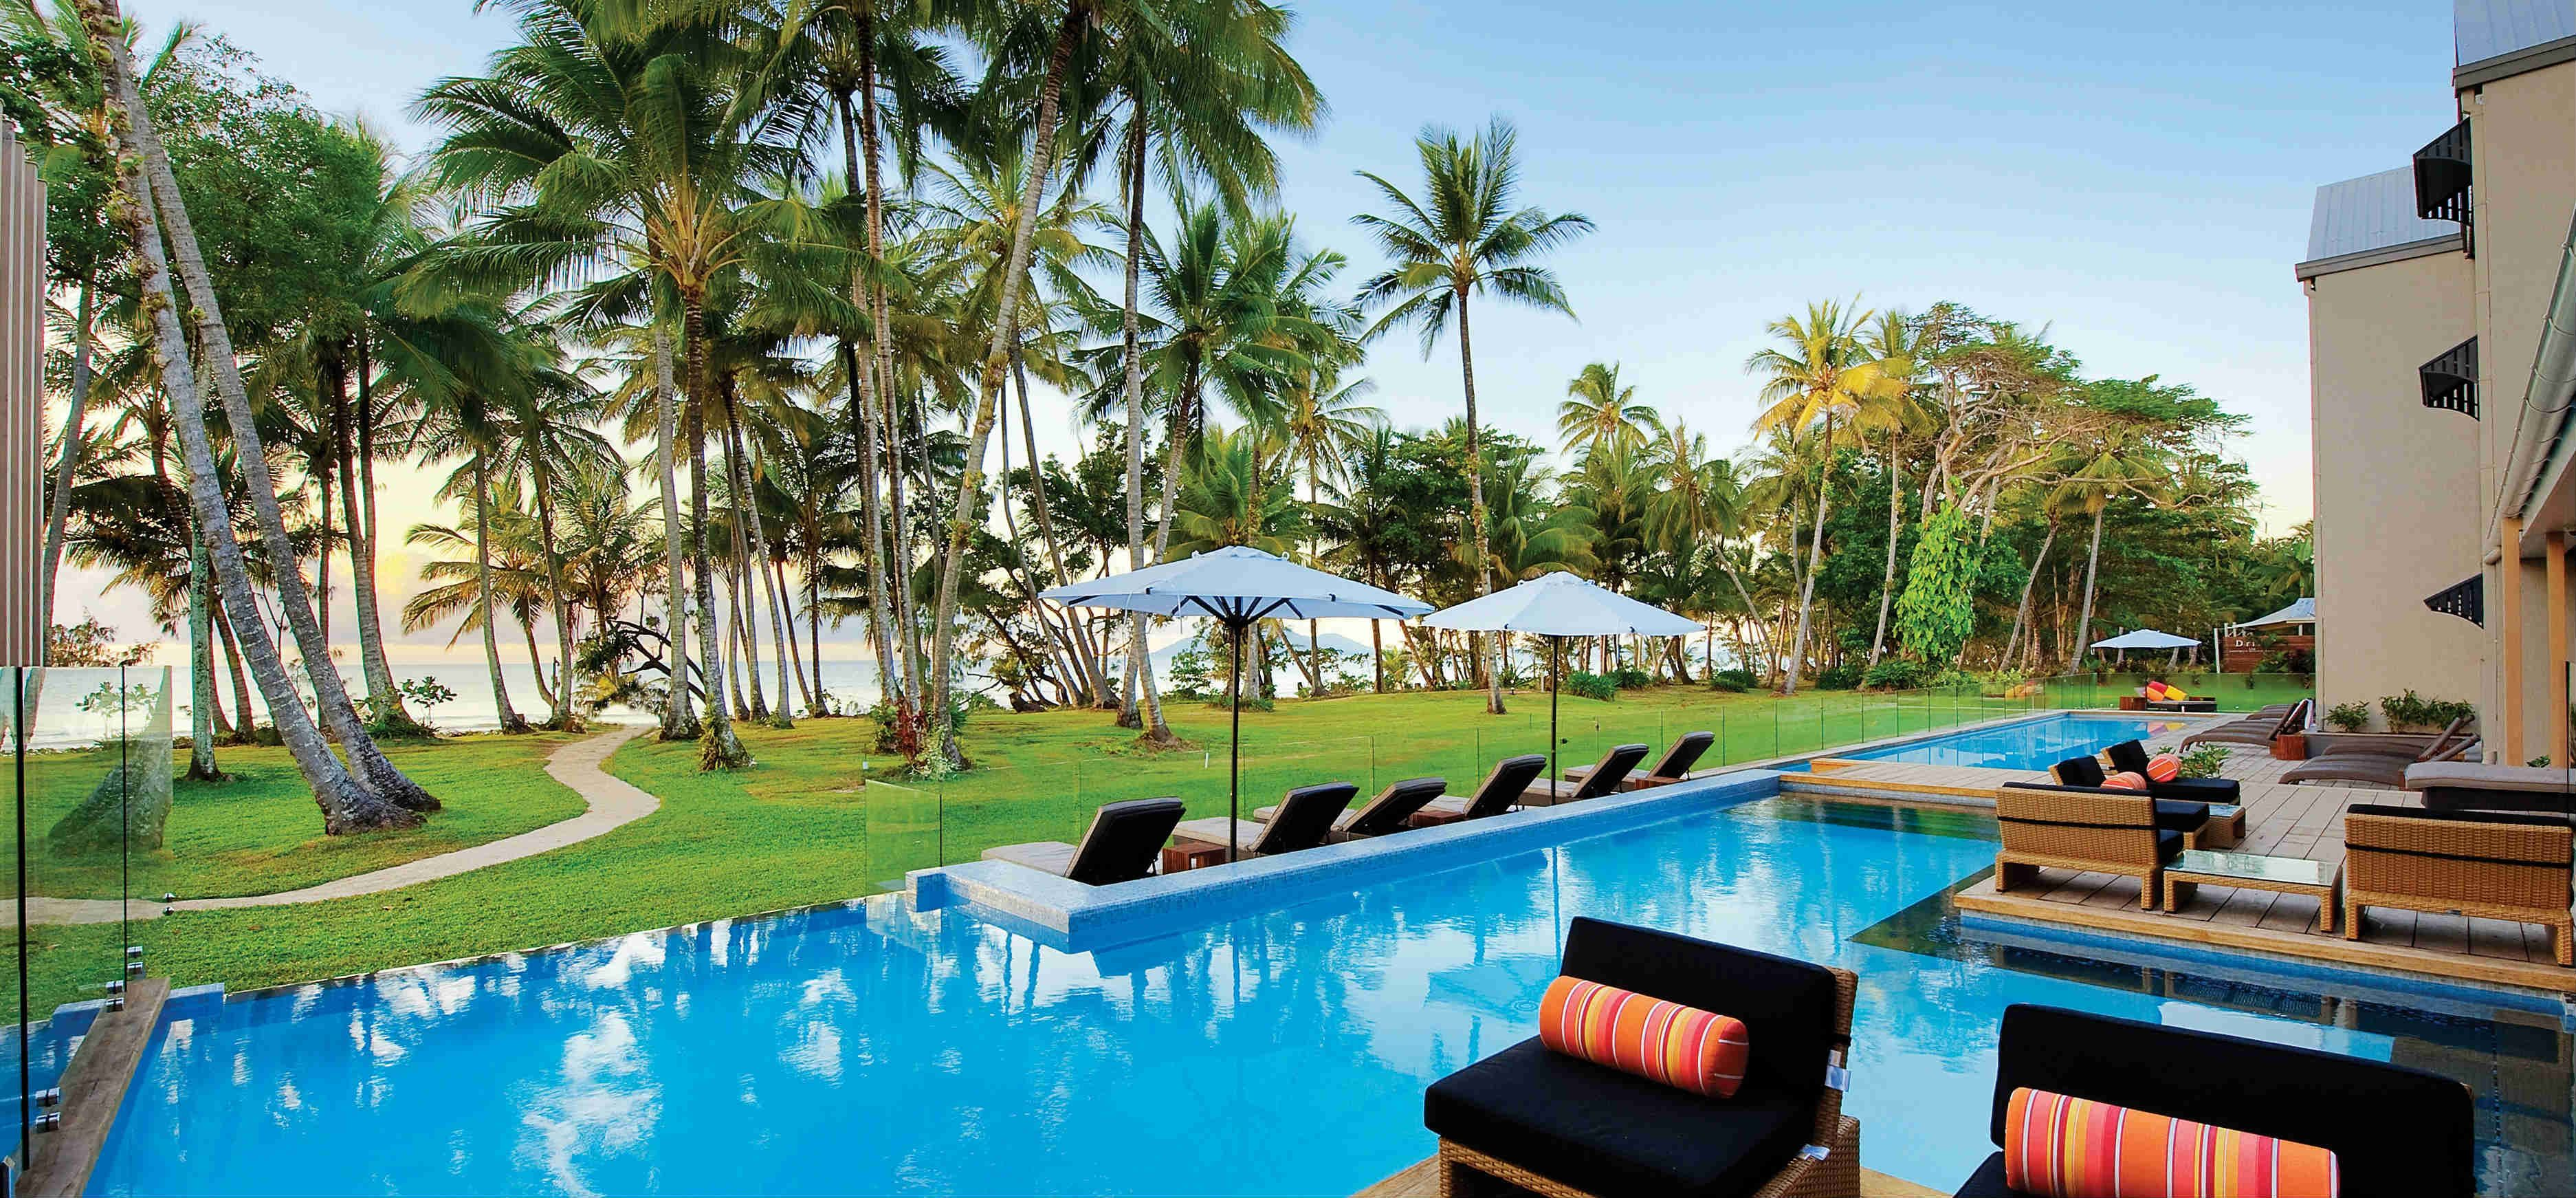 Castaways Resort Spa Mission Beach Queensland Australia Hotels